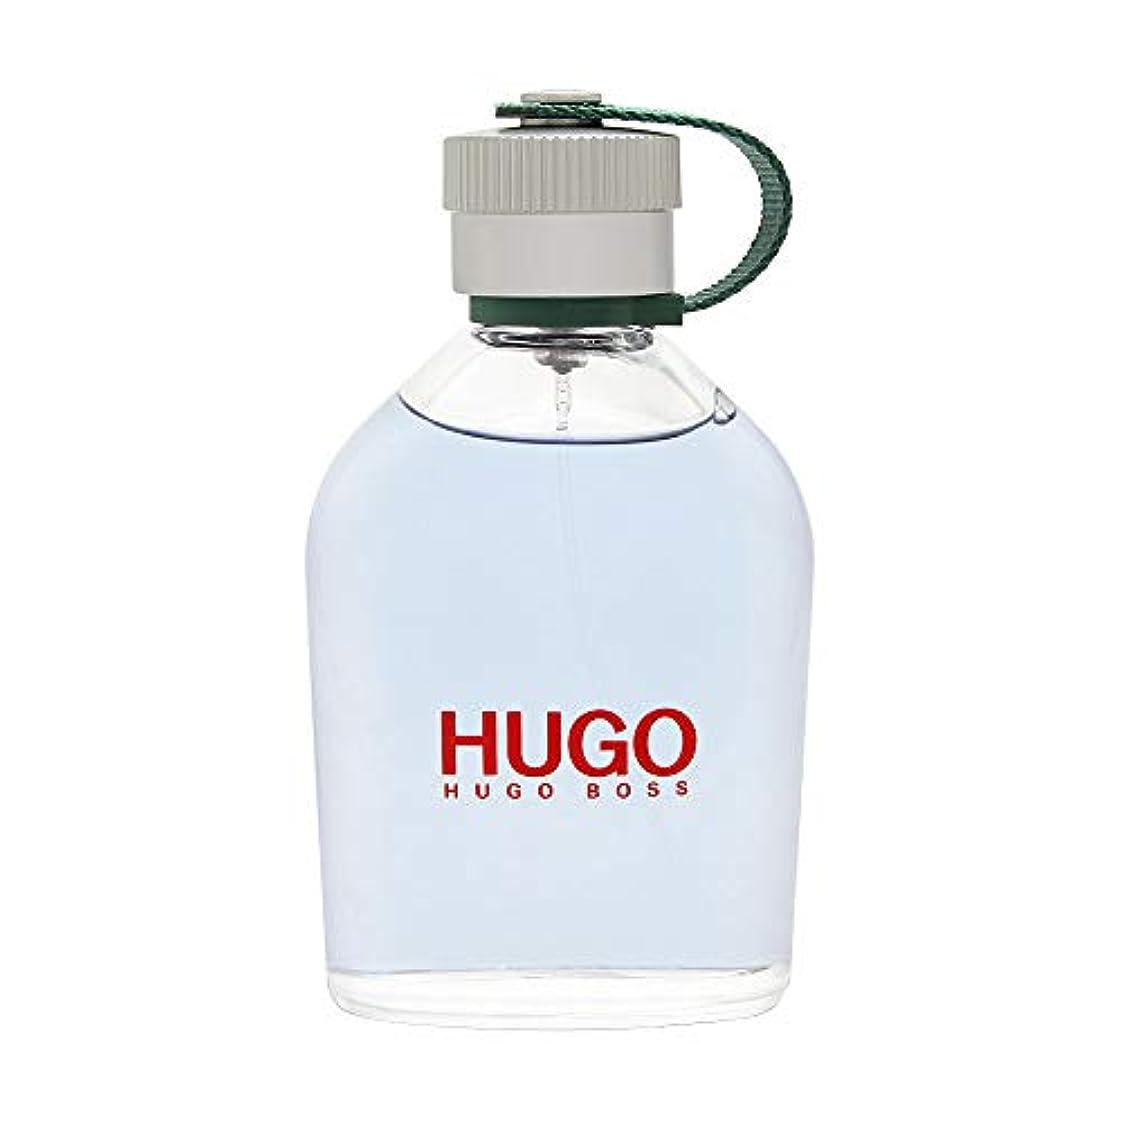 猫背伝記競争力のあるヒューゴ ボス HUGO BOSS ヒューゴ テスター EDT SP 125ml